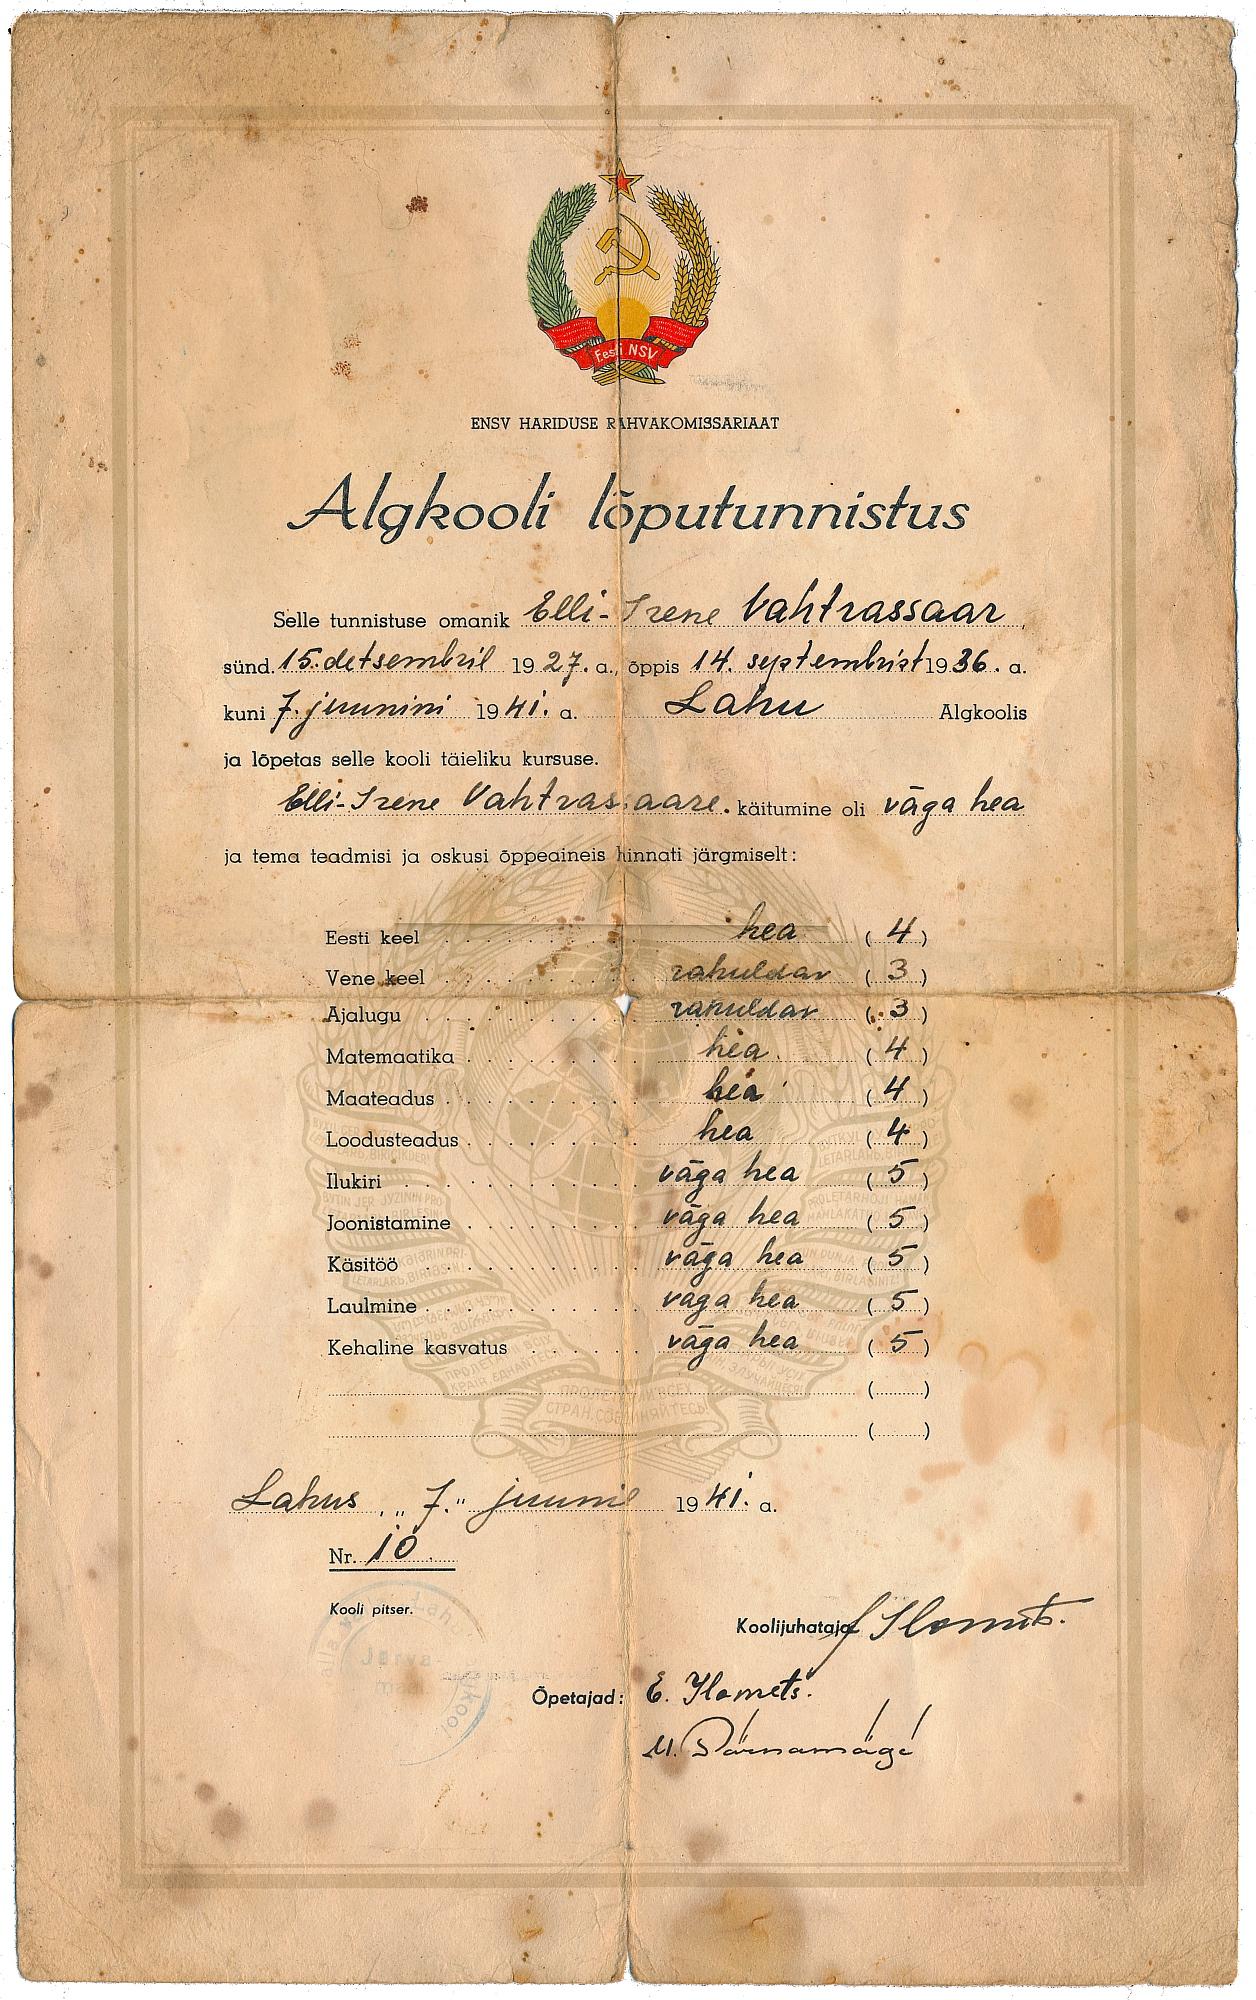 Elli Irene Vahtrasaar tunnistus 1941-ek